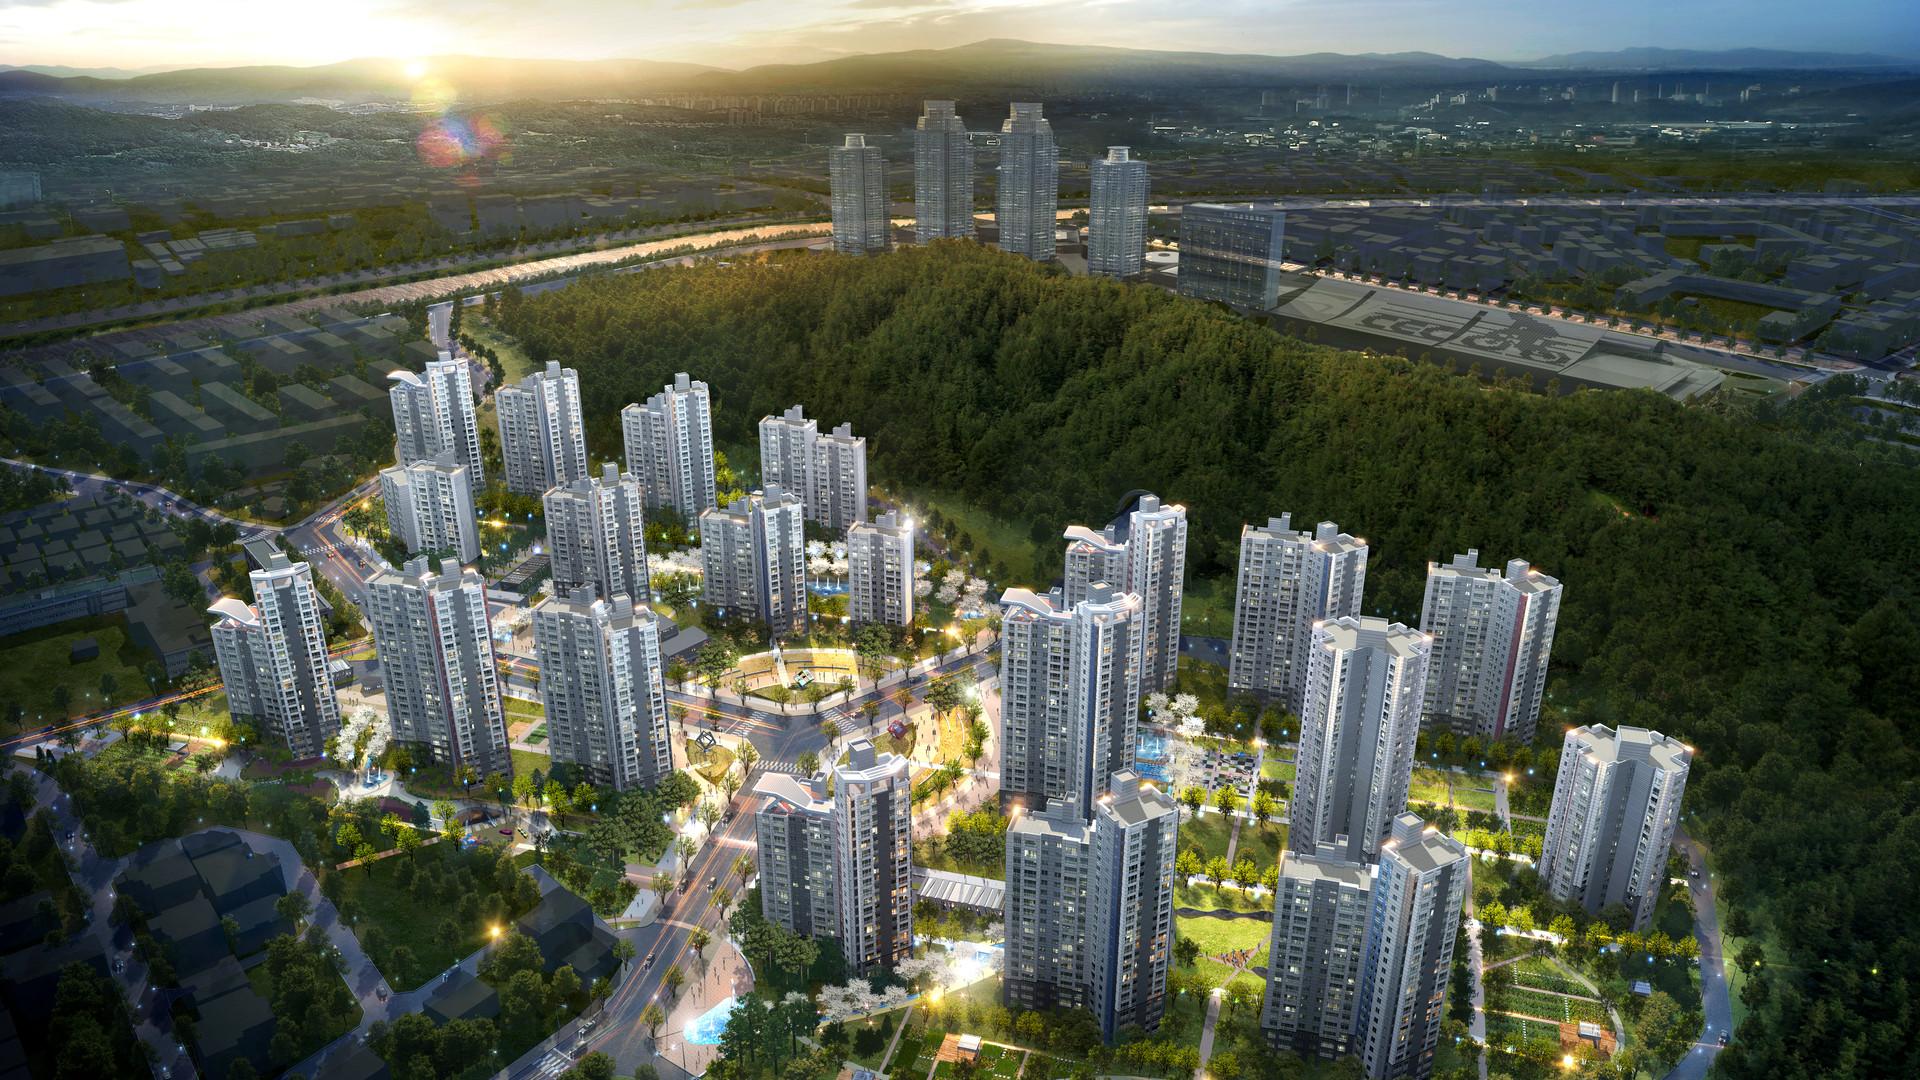 2015 / 12 / 경남 창원시 대원3구역 주택재건축 제안설계 [당선]